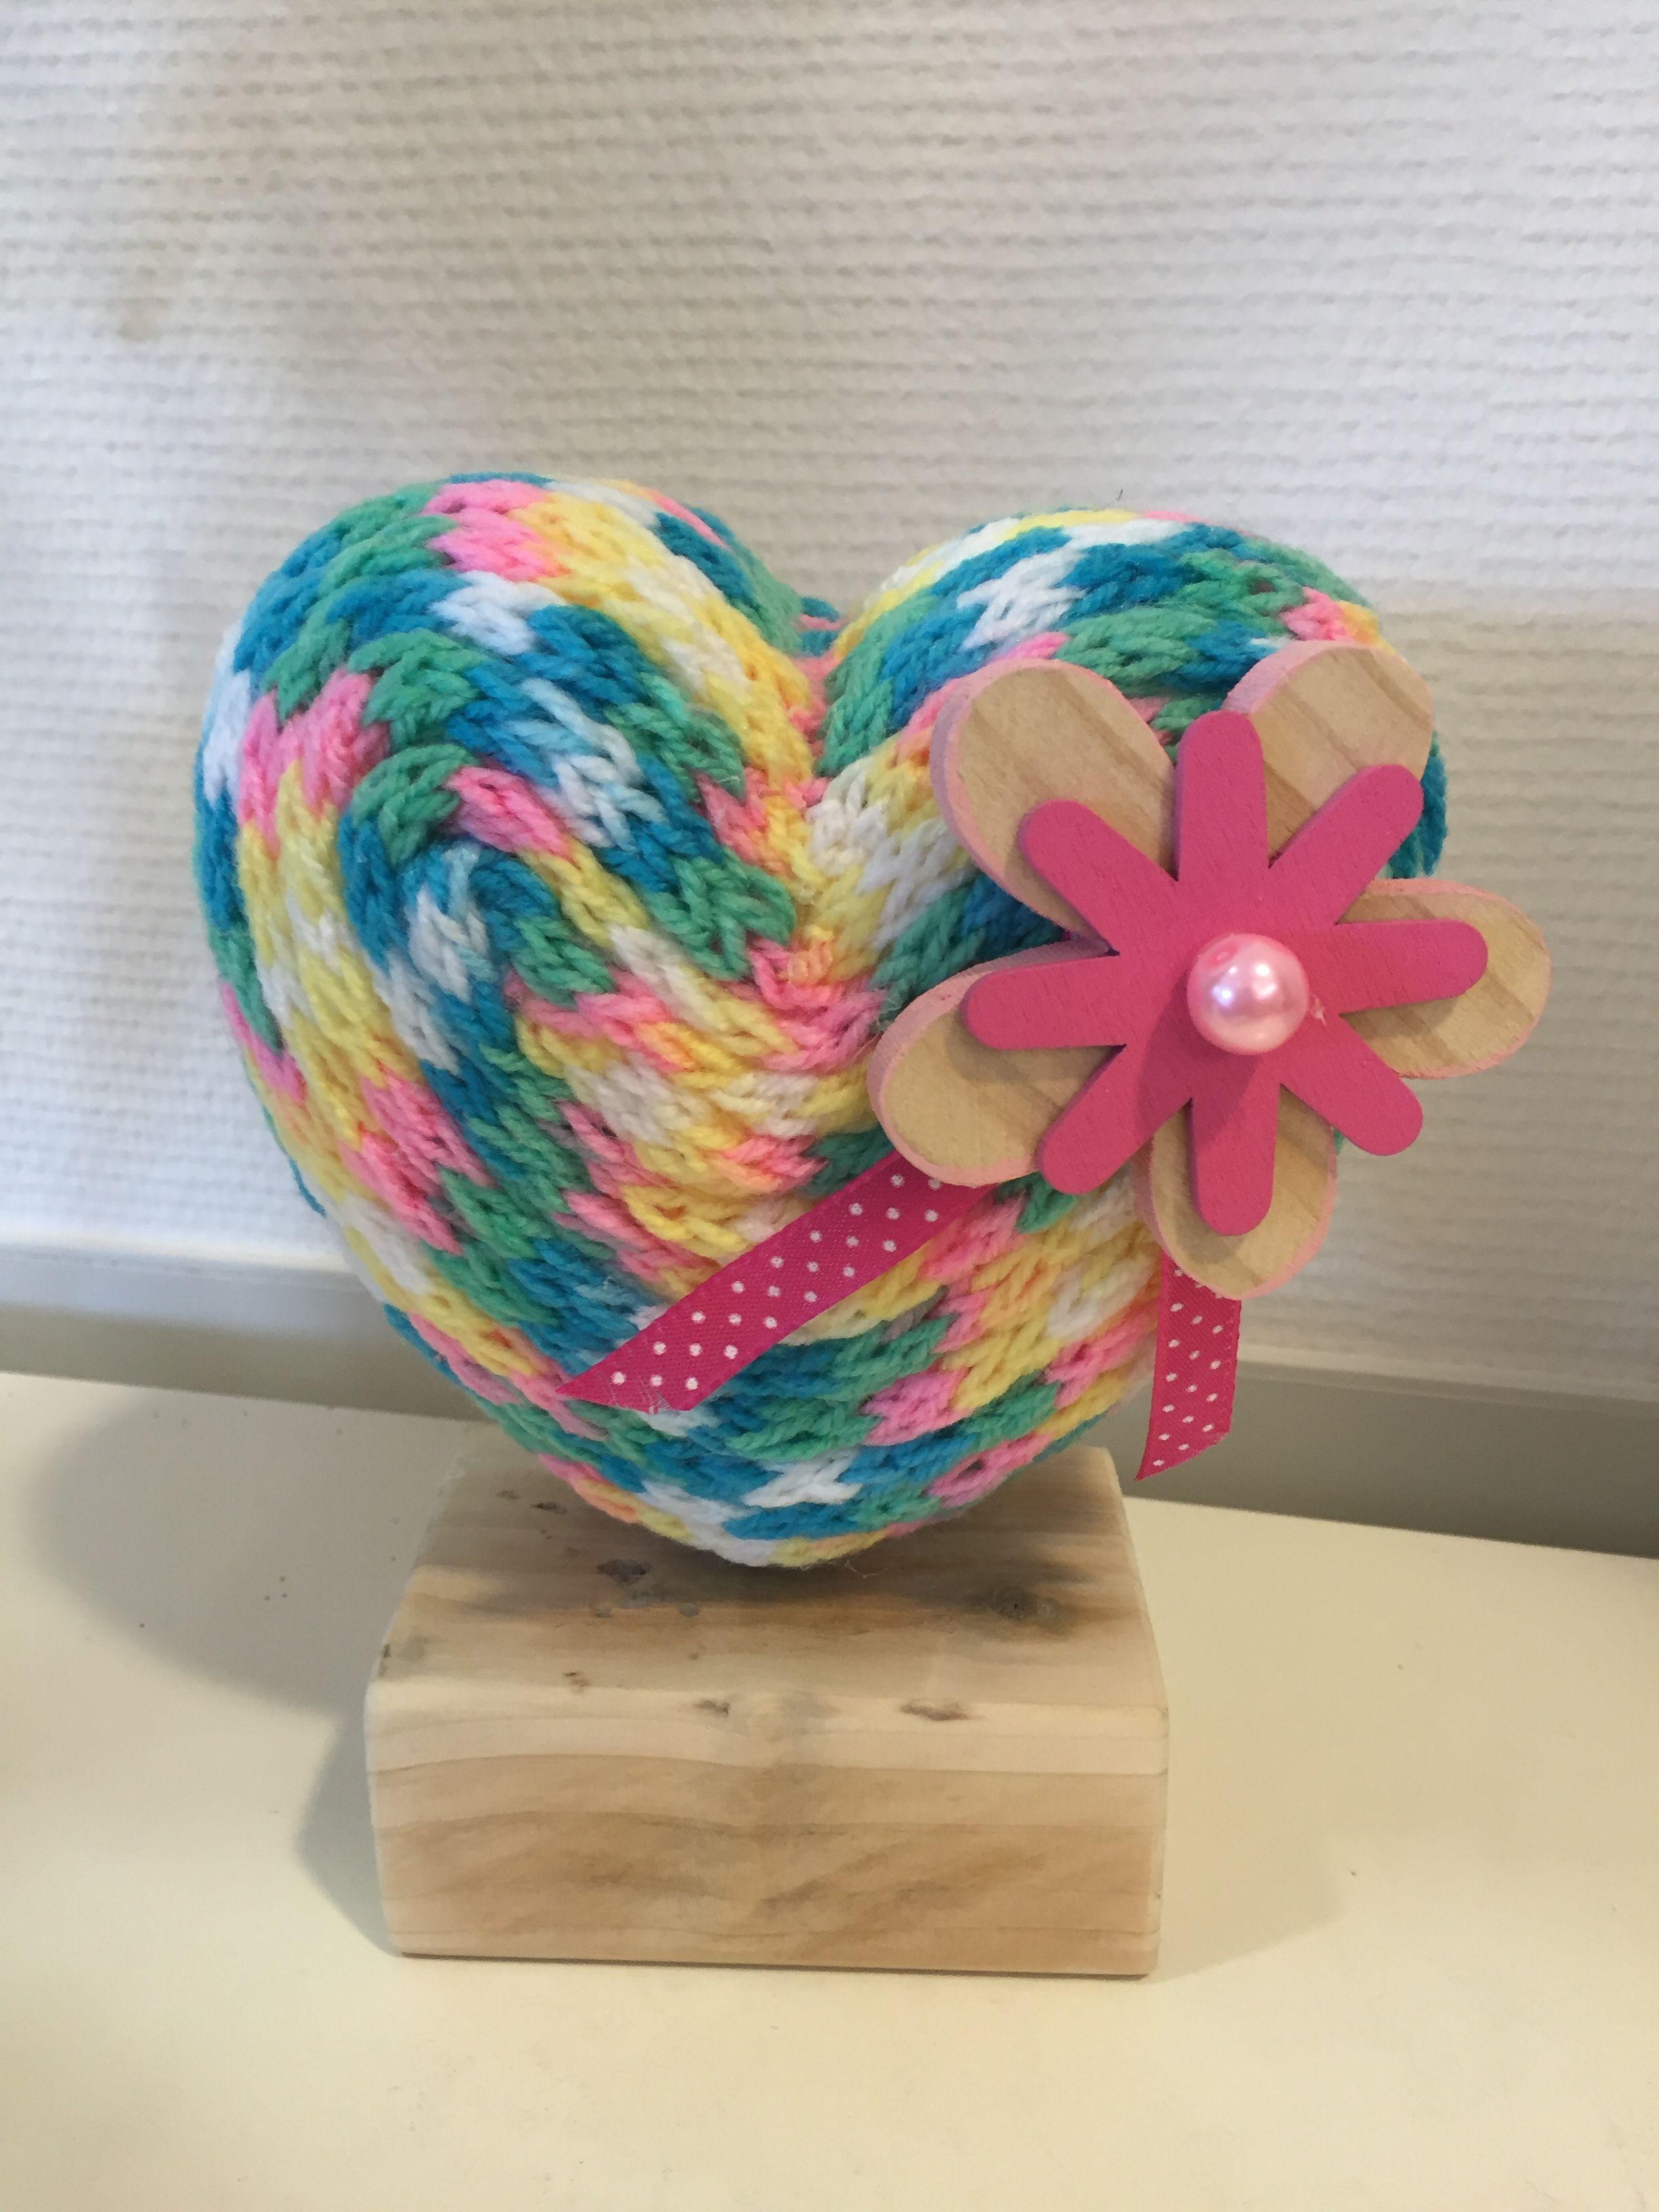 Punniken hartje   Crochet and spool knitting   Pinterest   Loom ...